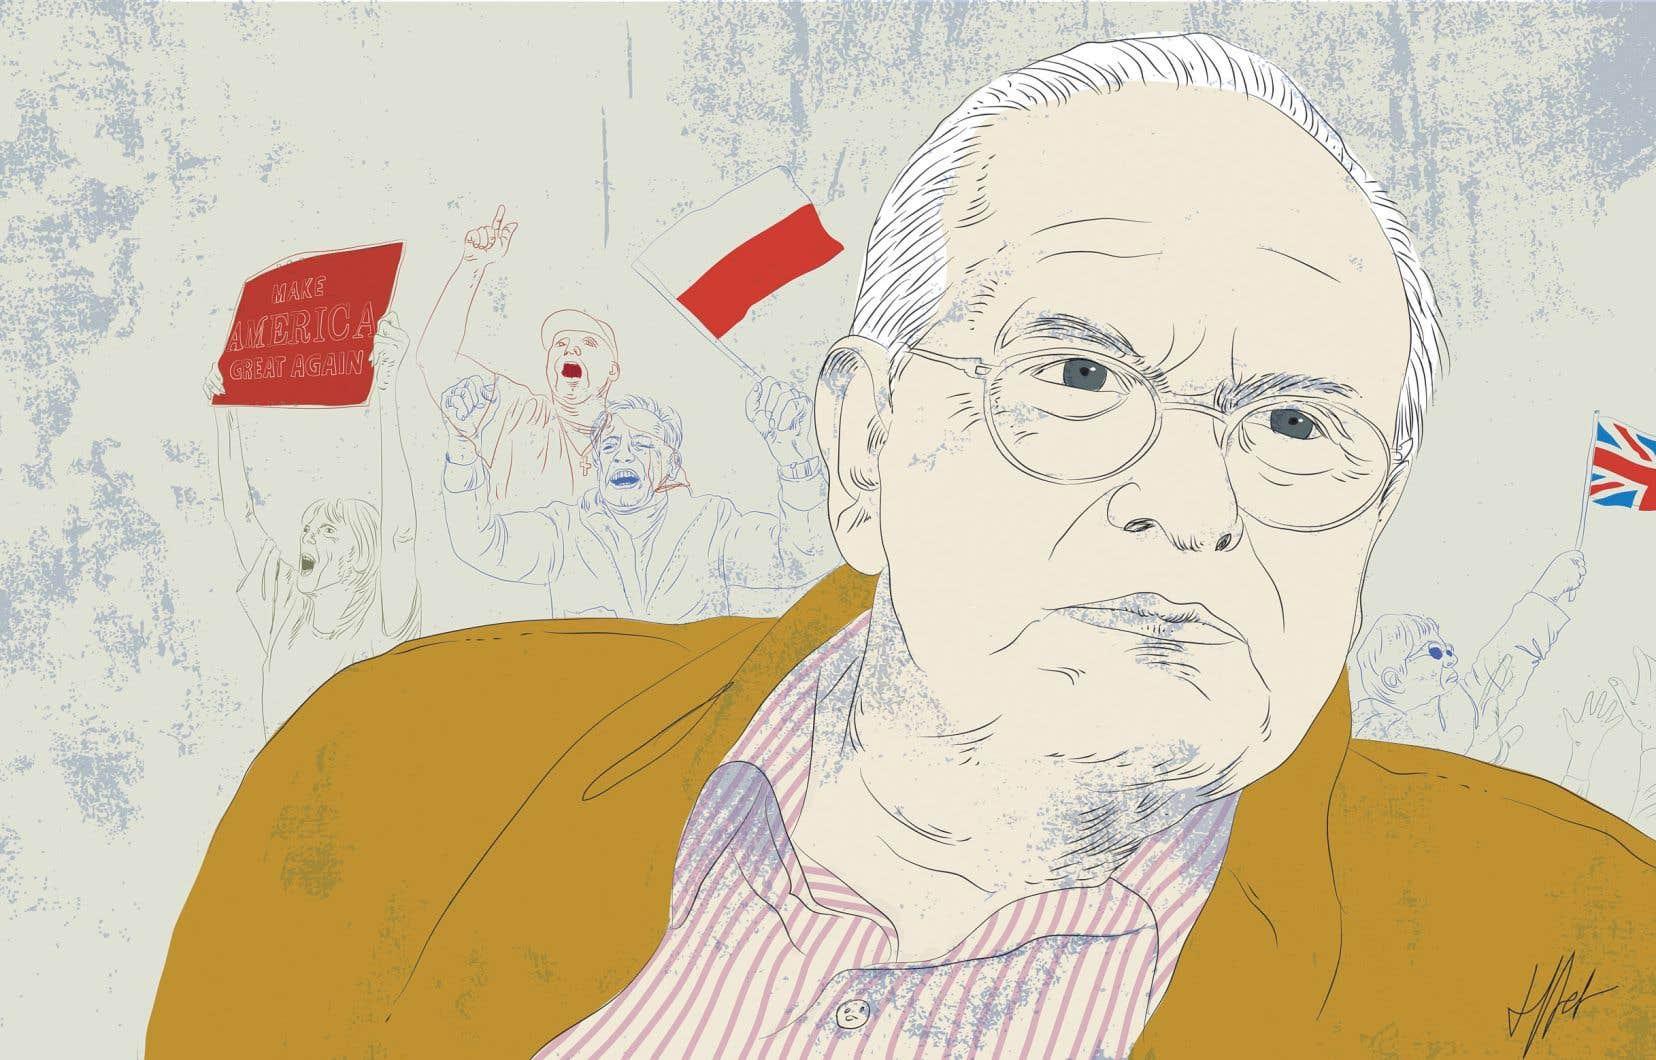 Né en 1935 à Buenos Aires, Ernesto Laclau est considéré comme l'un des représentants majeurs de la philosophie politique contemporaine.